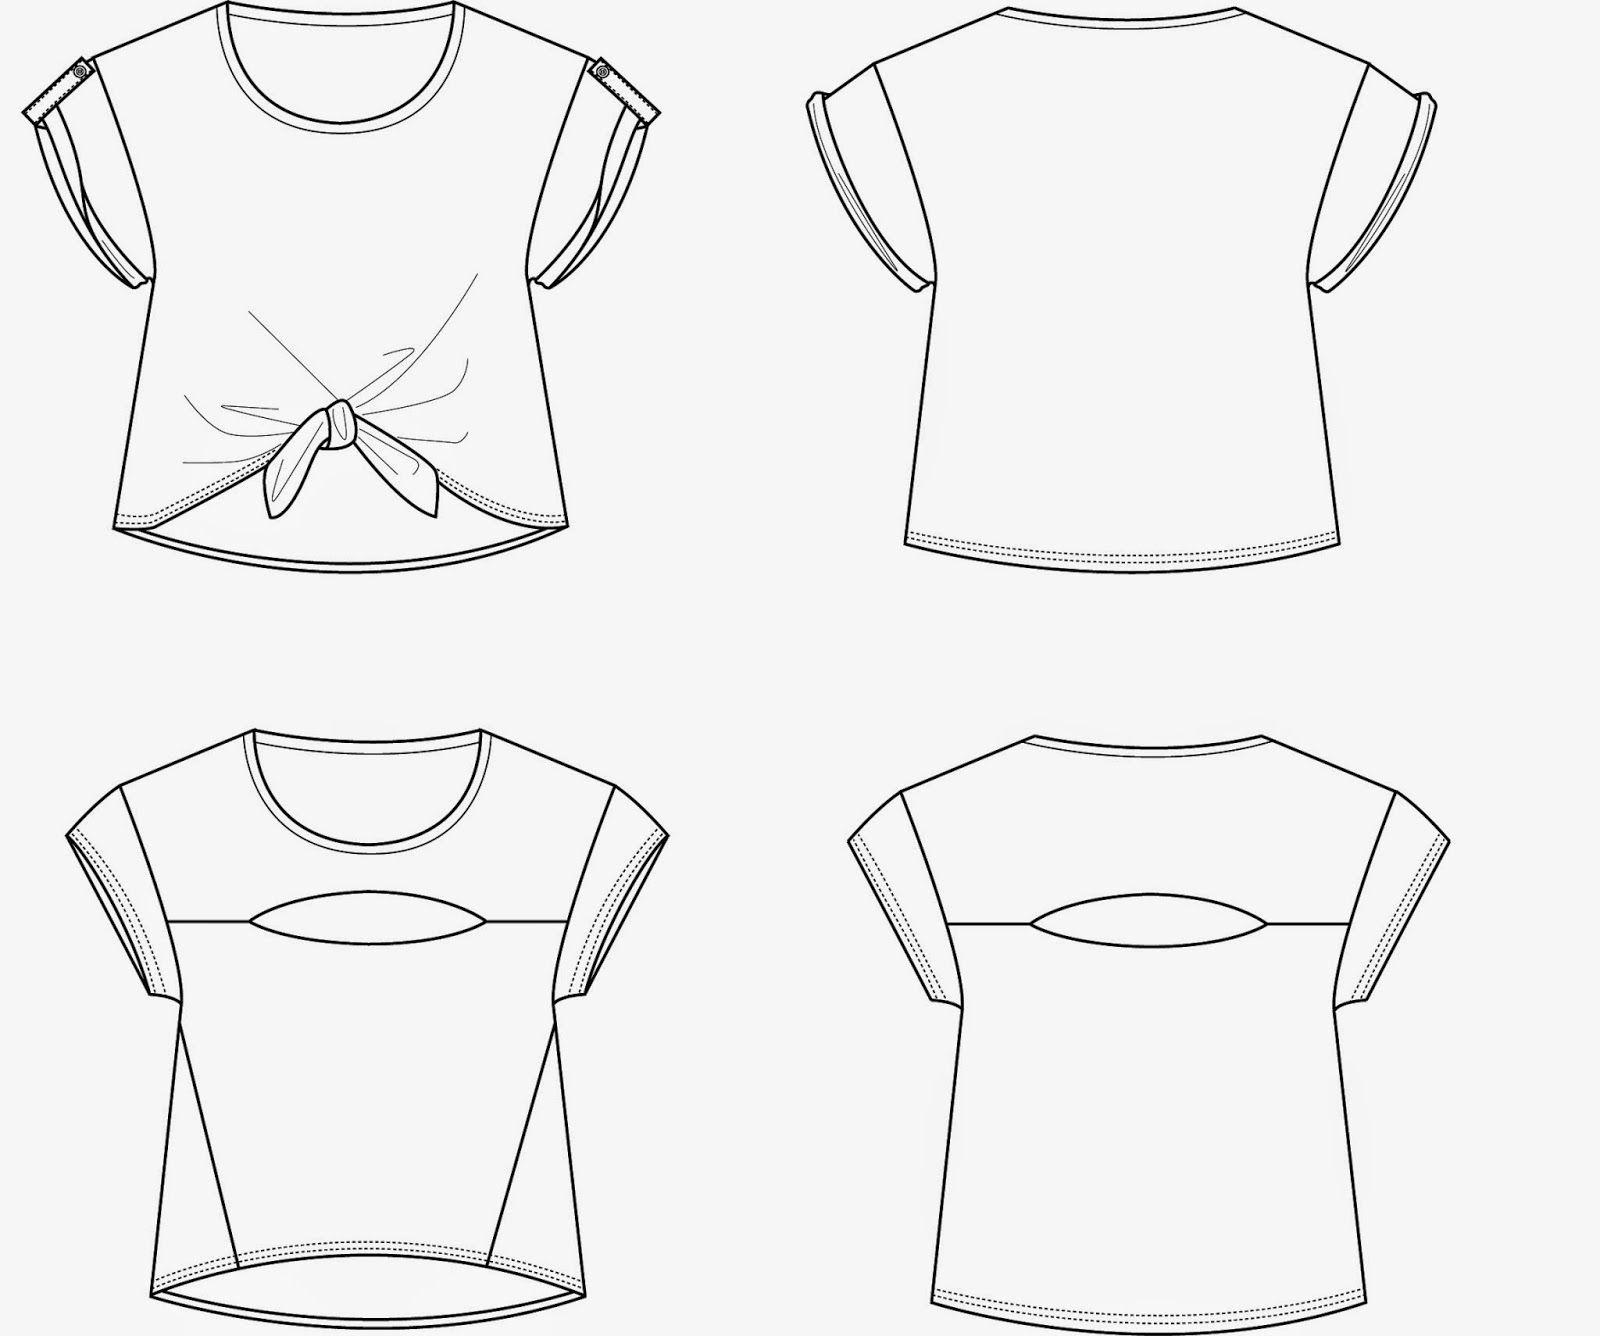 одежда рисунки футболка наличии широкий выбор